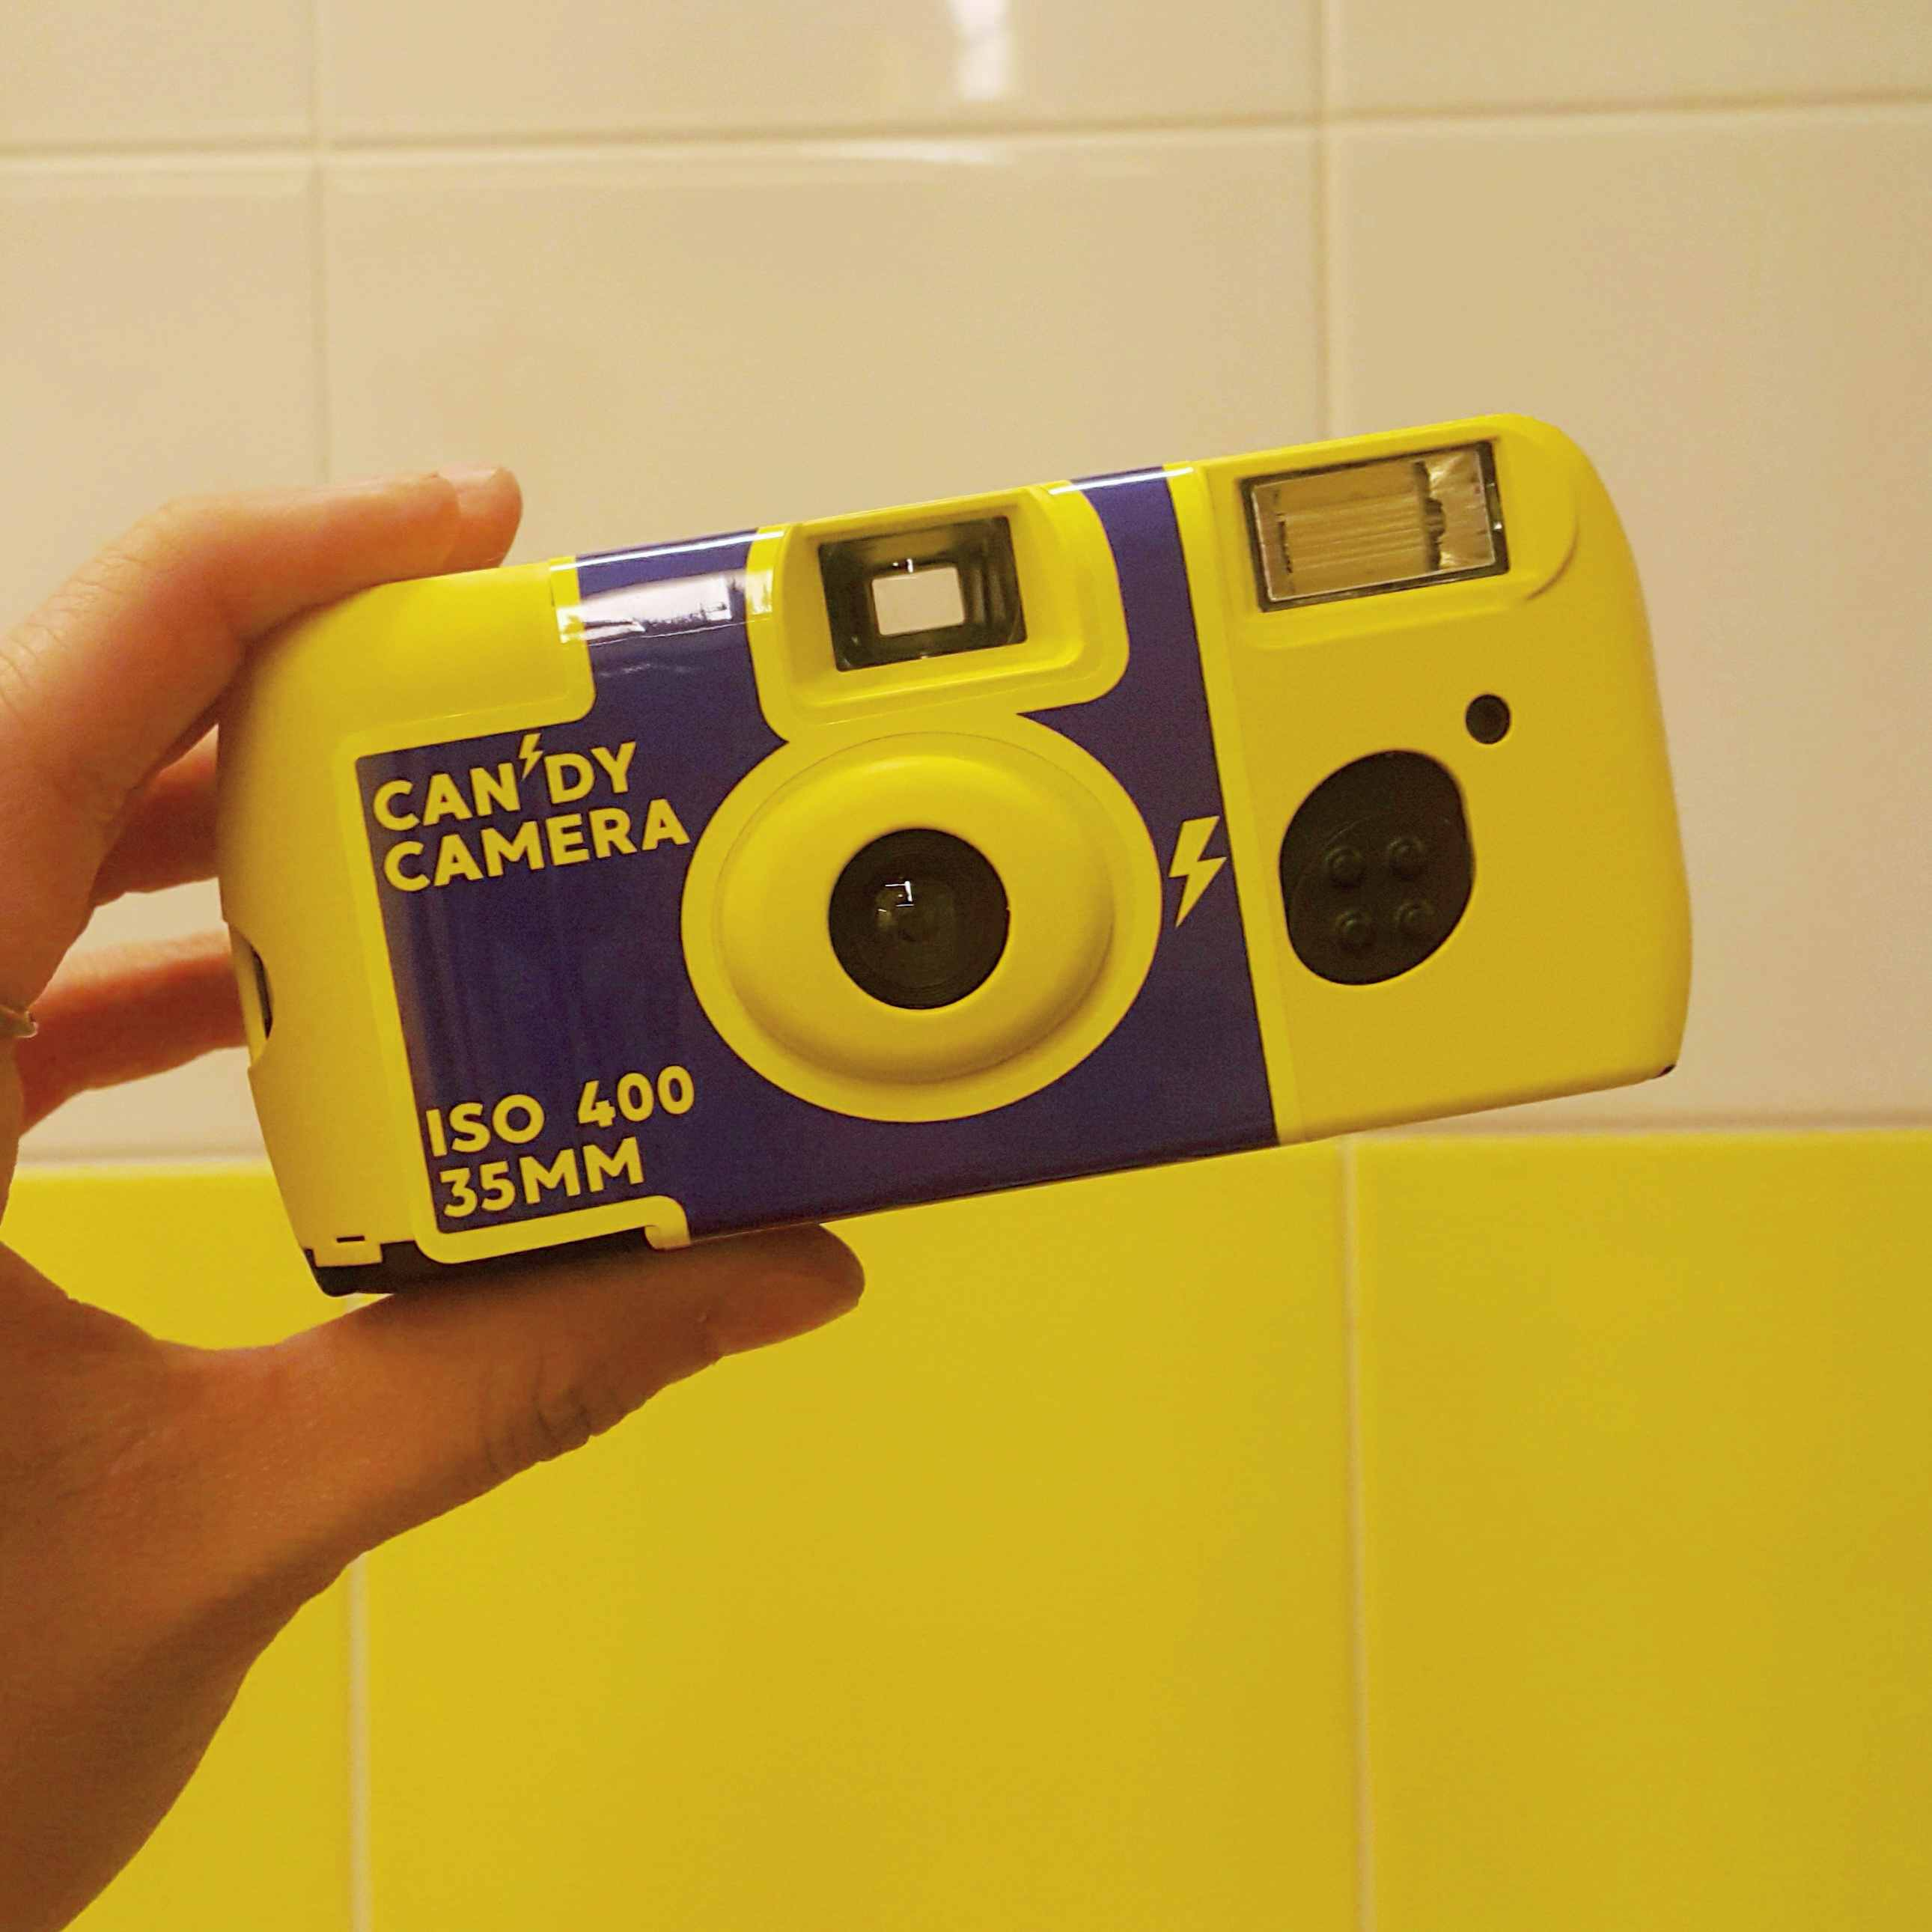 不想跟別人一樣都是用黑漆漆的相機?想要特別一點嗎?快去選購糖果昔膠卷相機吧!